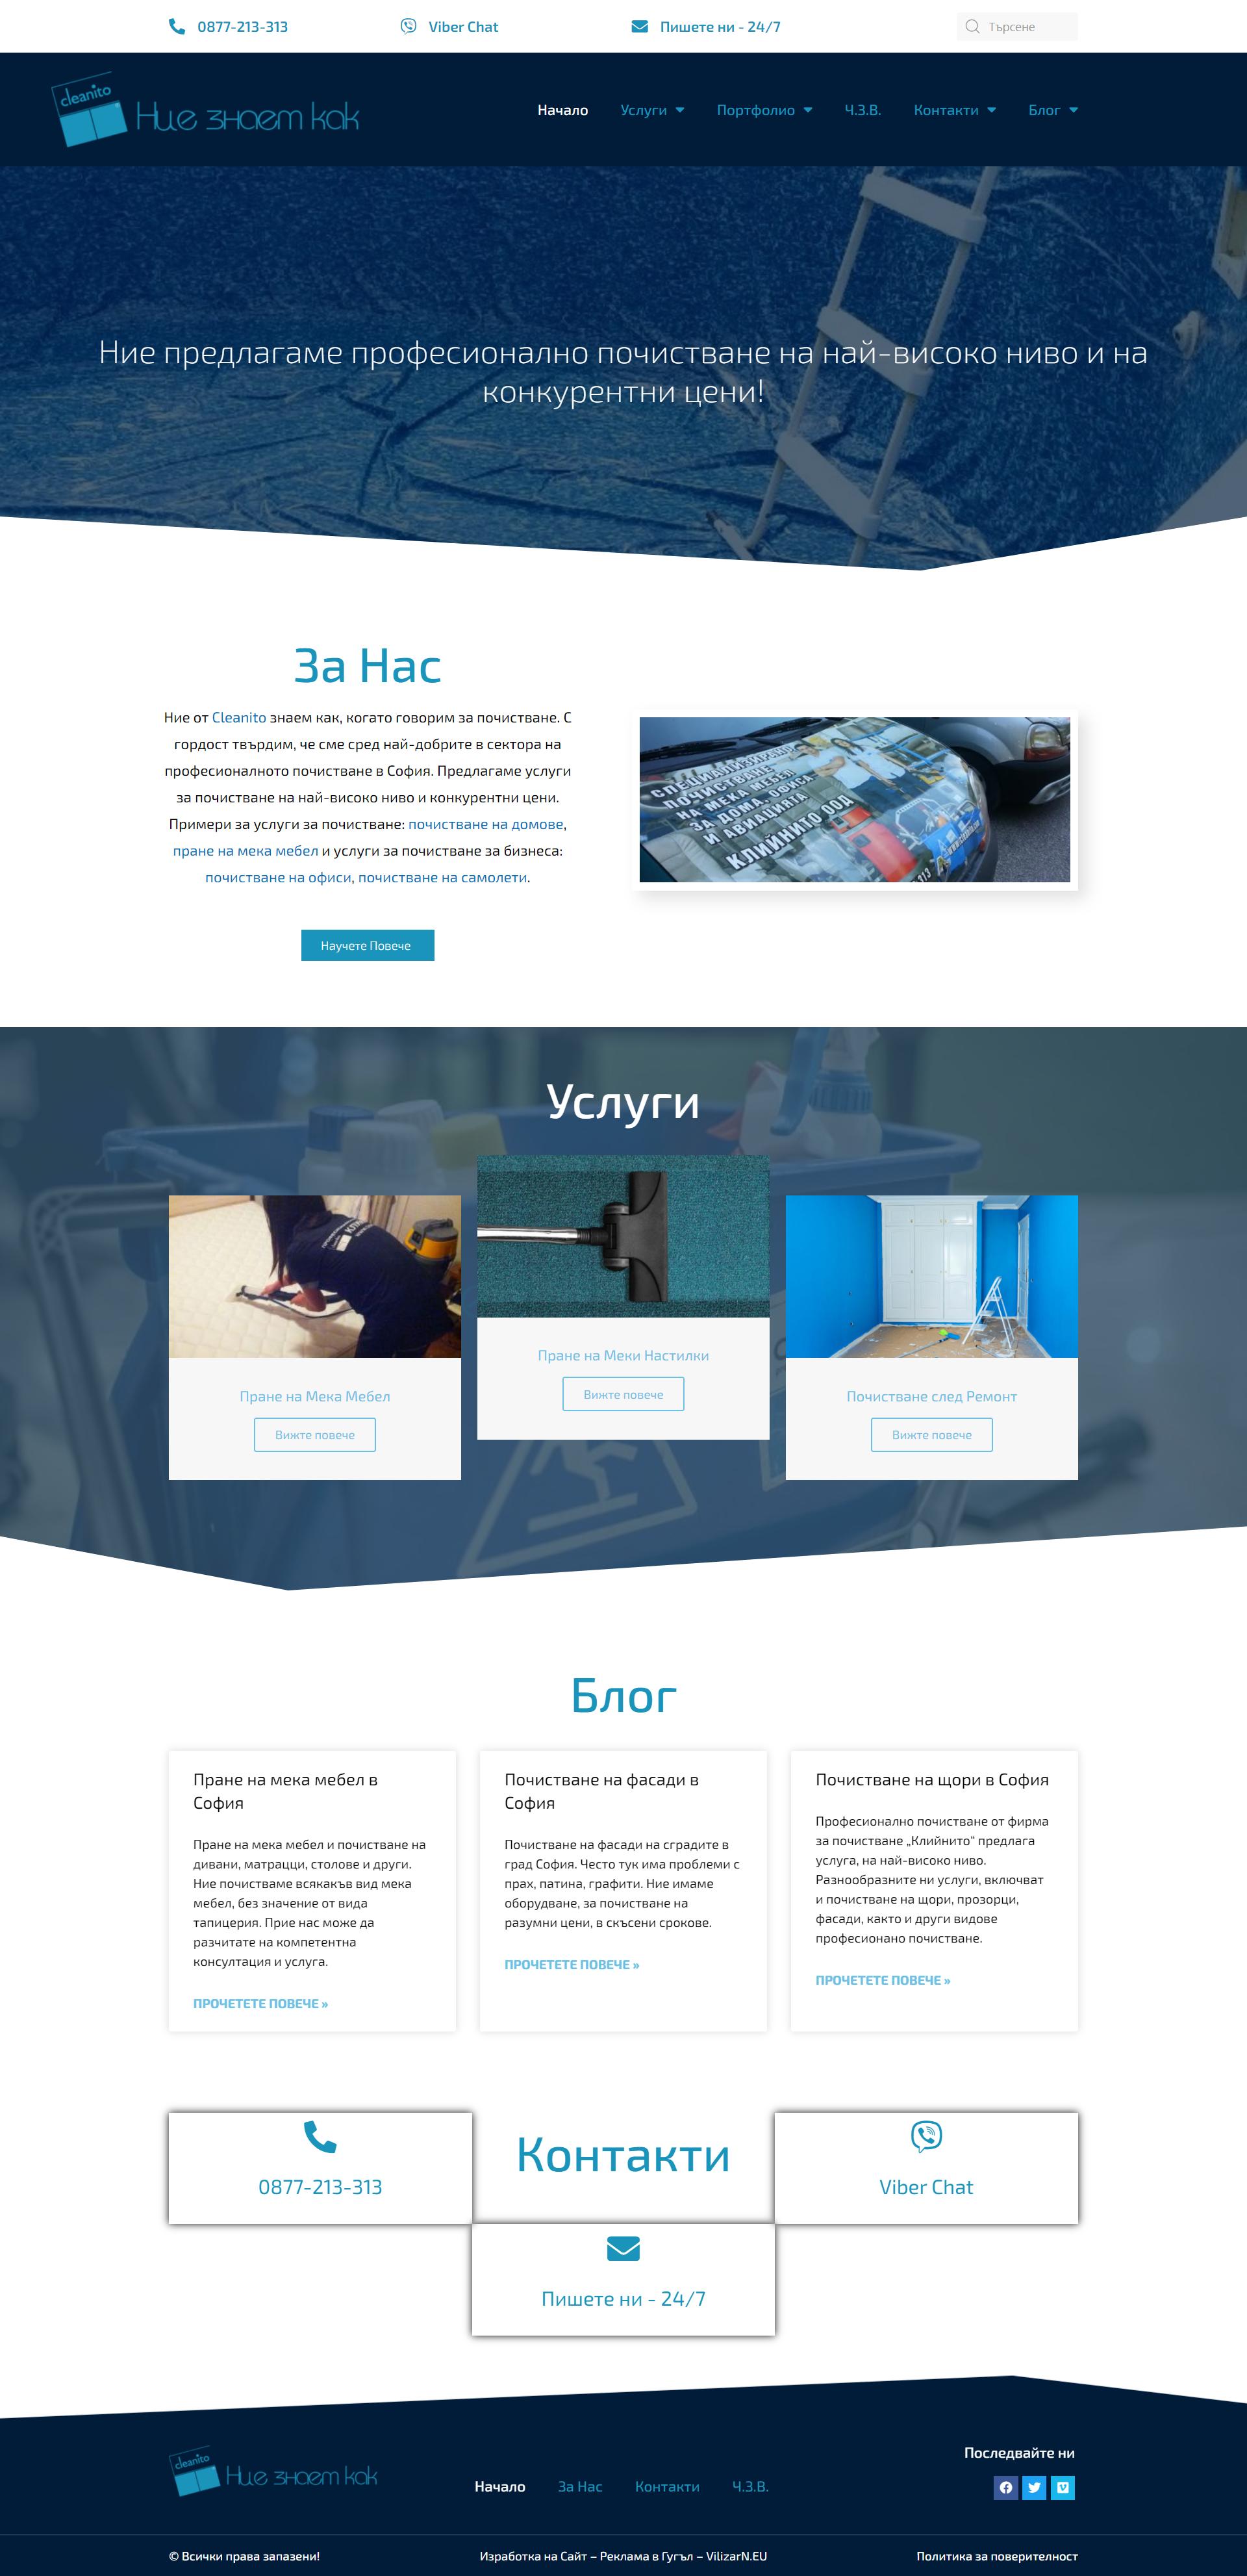 Limpieza profesional de Klinito Ltd. - VilizarN.EU